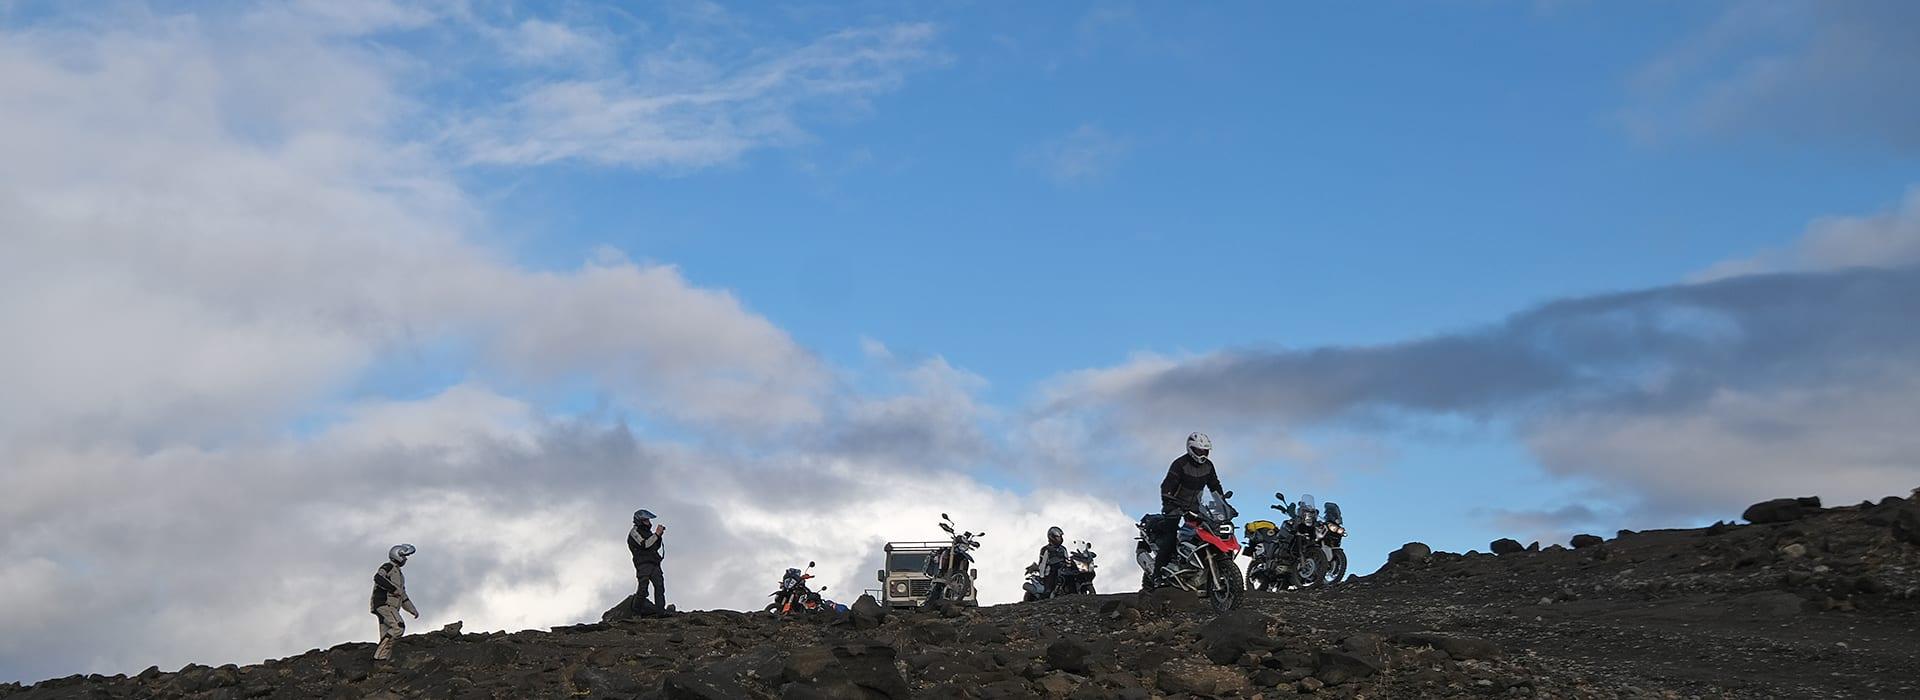 Trans Iceland Motor Challenge, avontuurlijke motorreis dwars door het vulkanische binnenland van IJsland